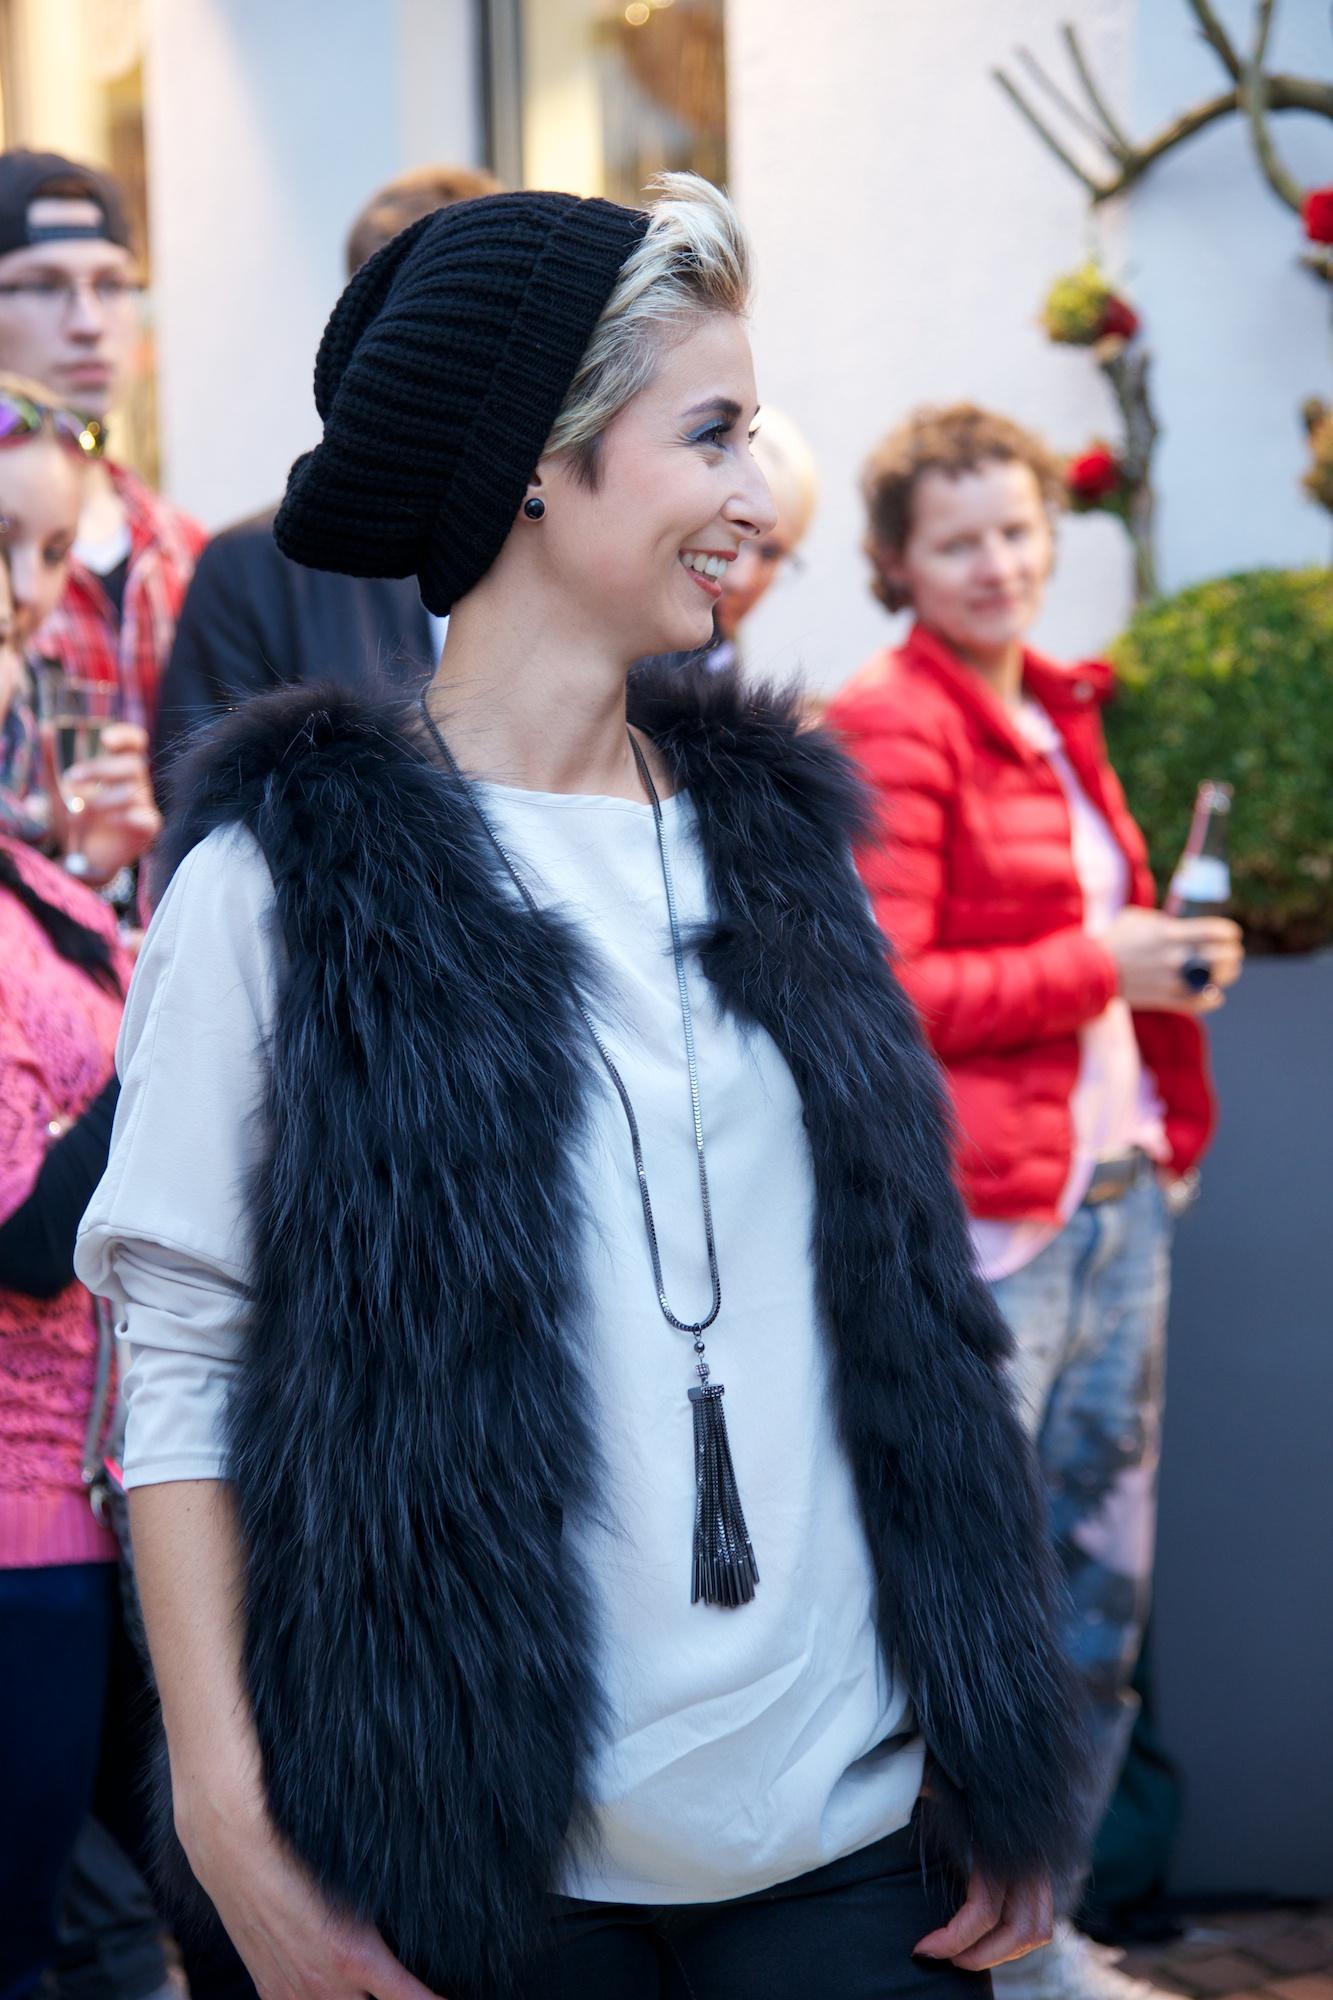 KW_140917_Fashionshow_web_031.jpg